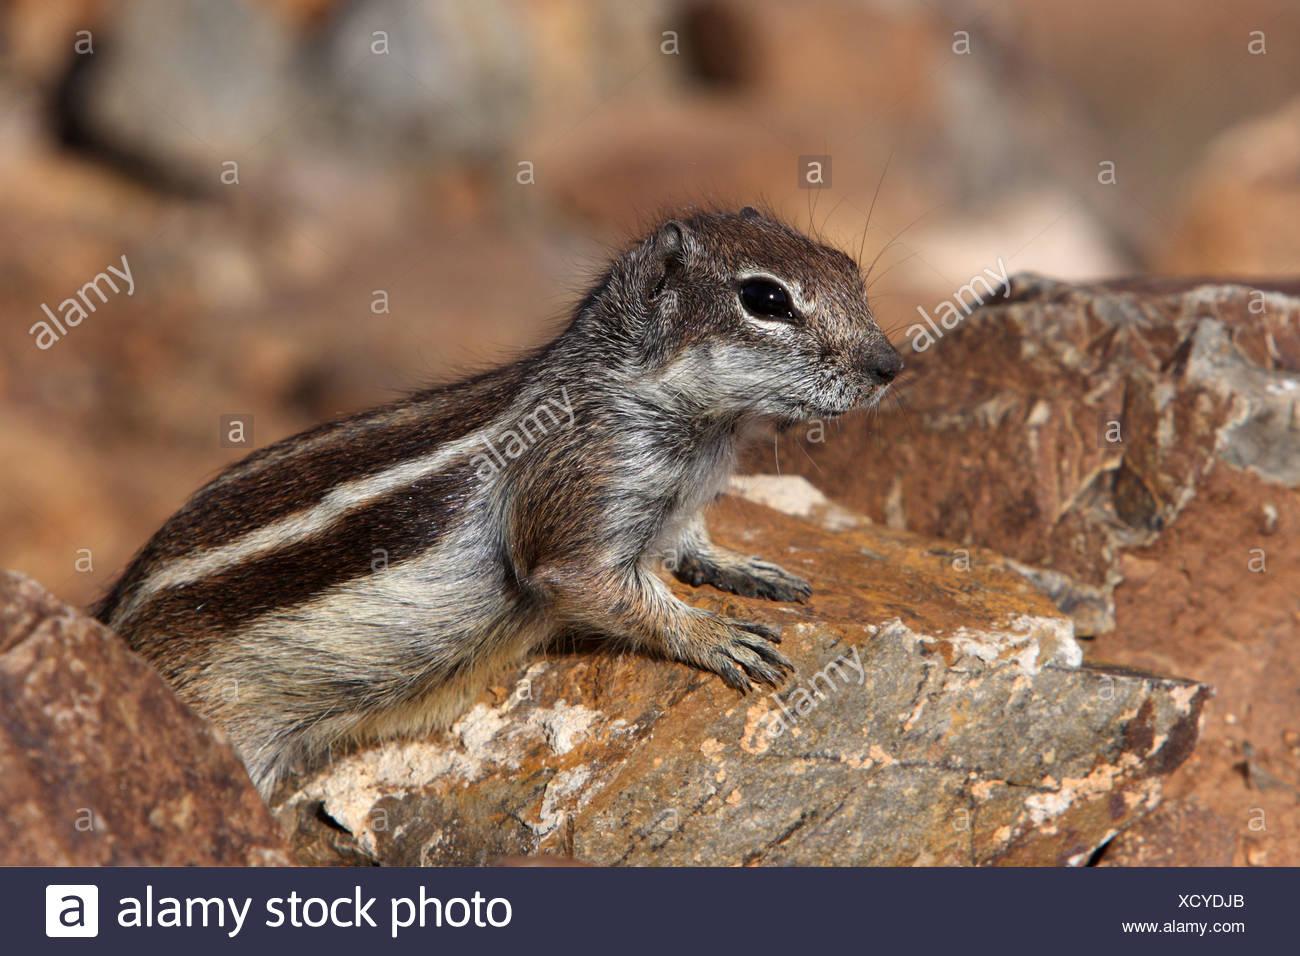 Suslik barbary, del norte de África suslik (Atlantoxerus getulus), sentado entre piedras, Fuerteventura, Islas Canarias Imagen De Stock